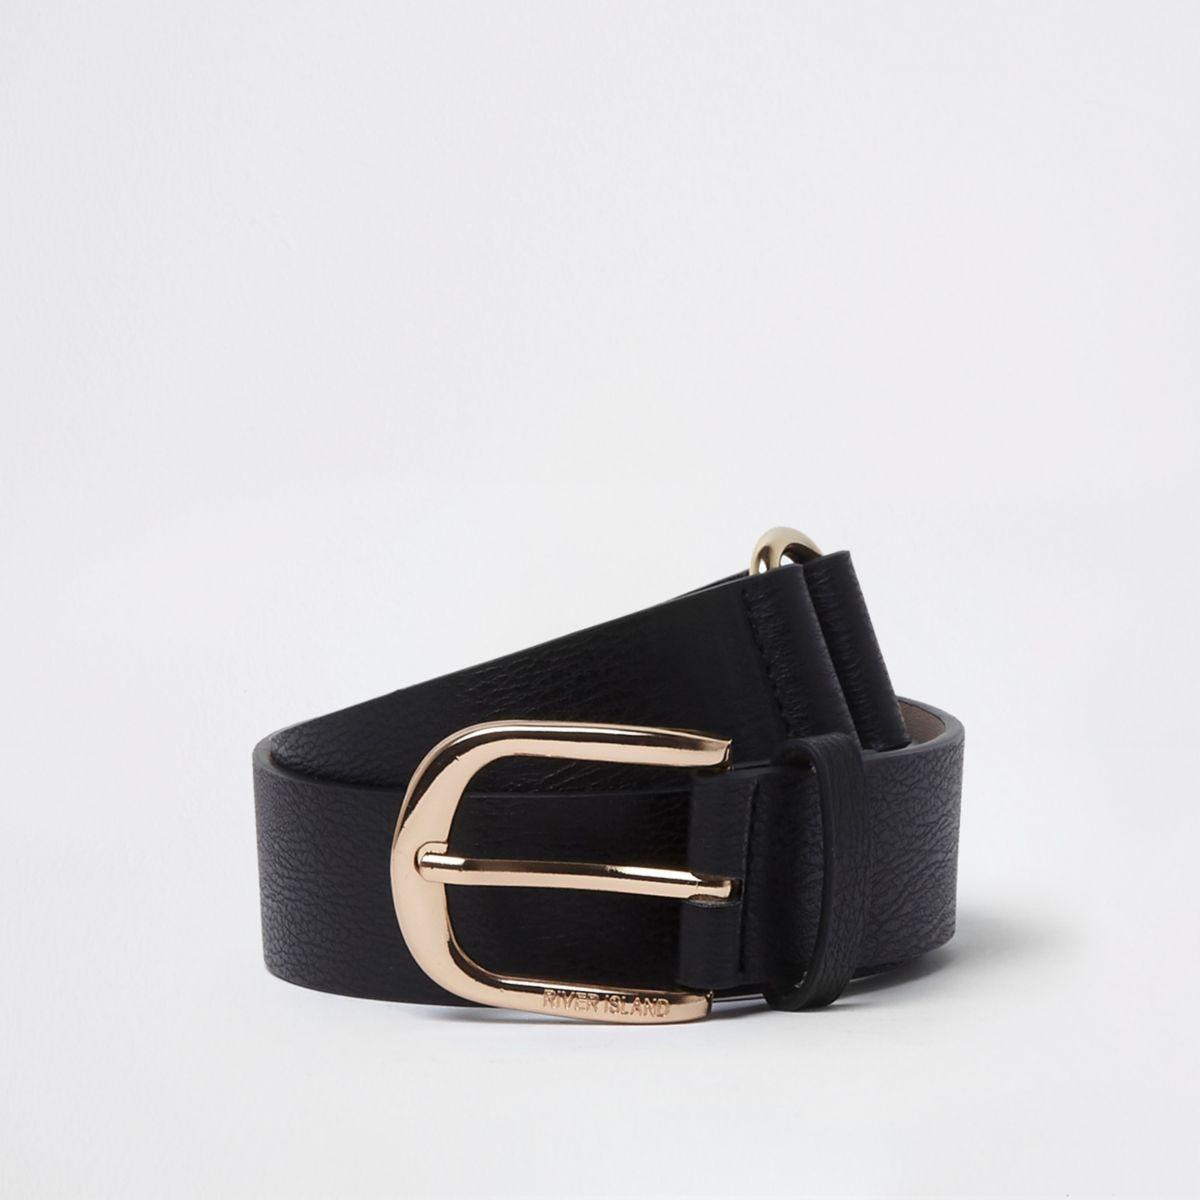 Zwarte jeansriem met goudkleurige gesp met dubbele insteek